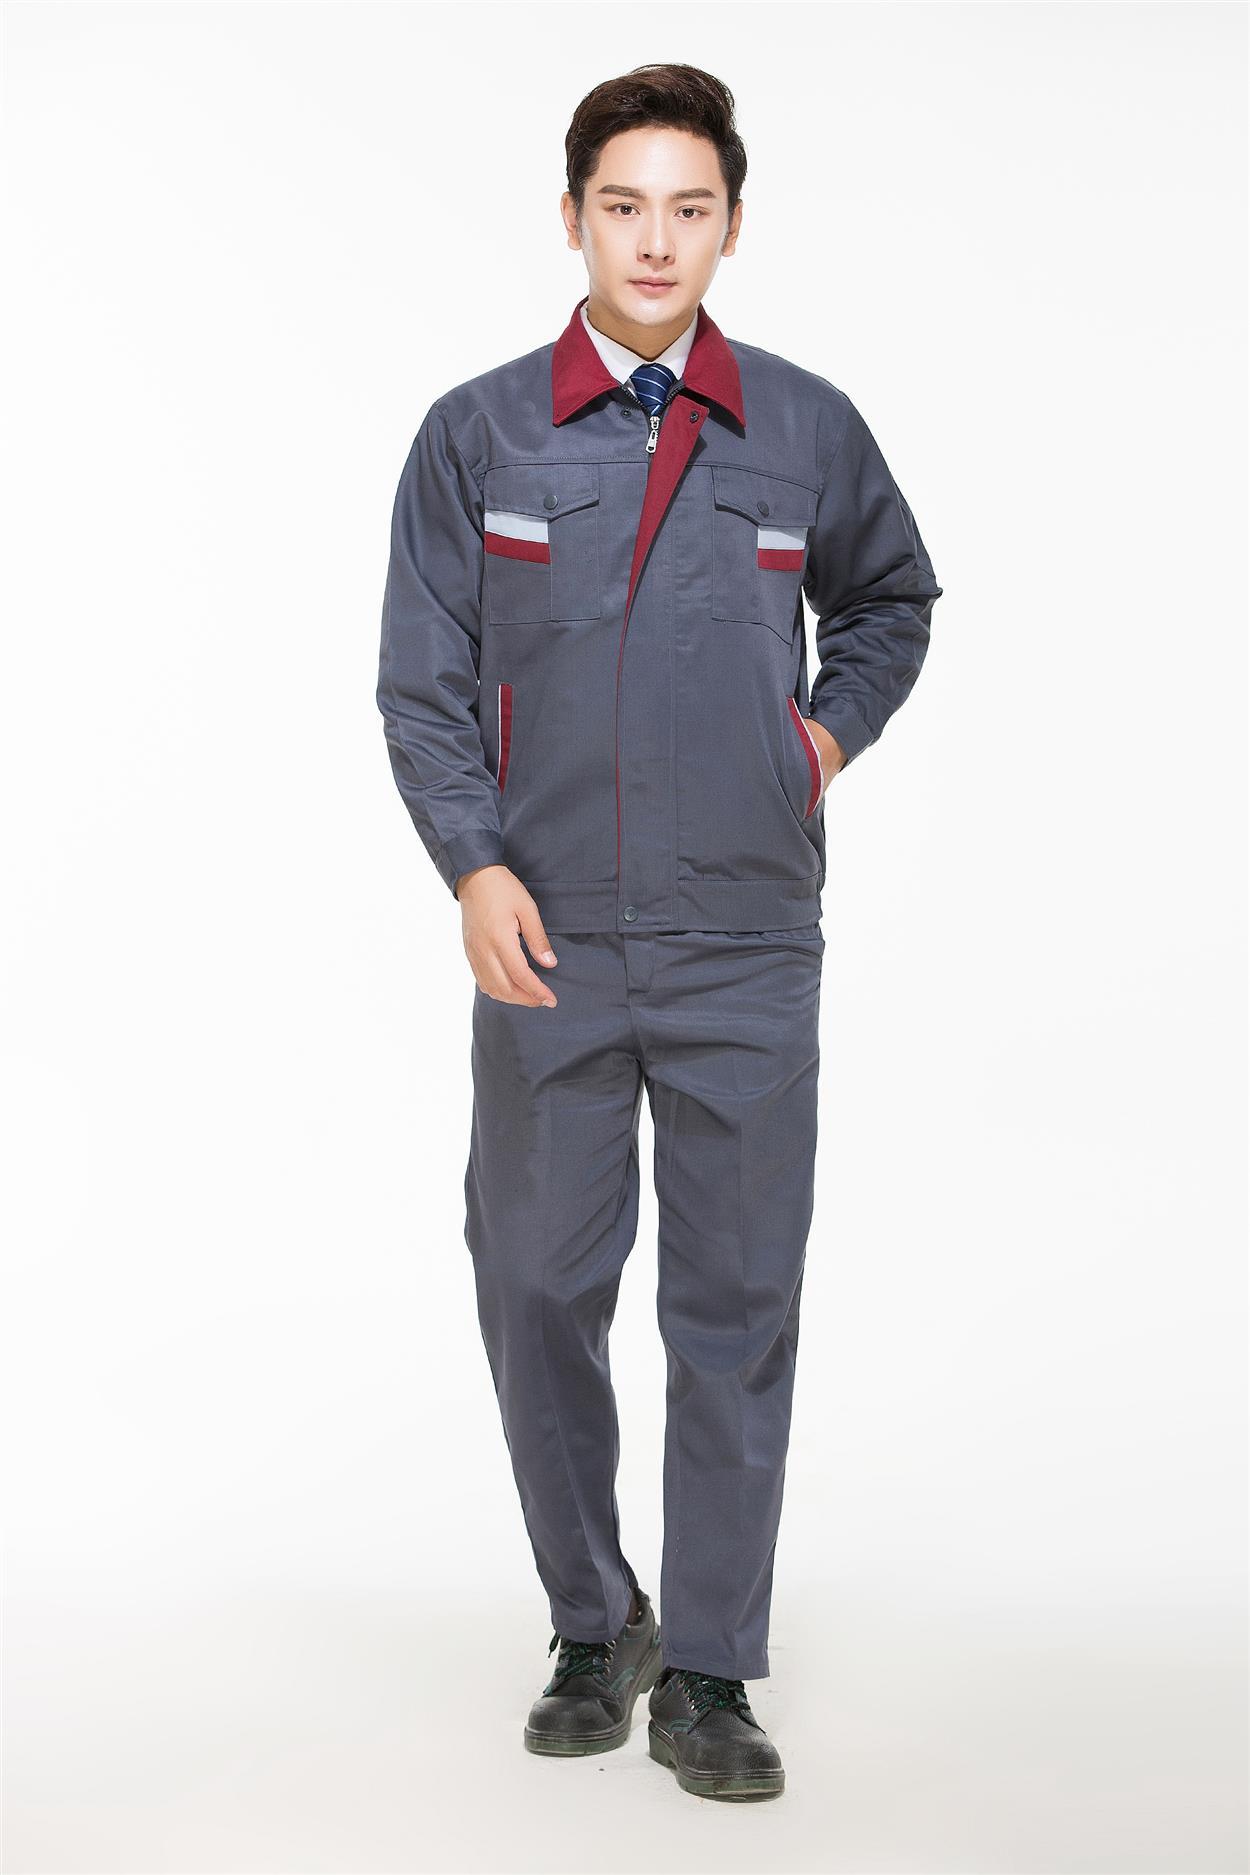 廣西短袖勞保服工作服定制刺繡 耐穿